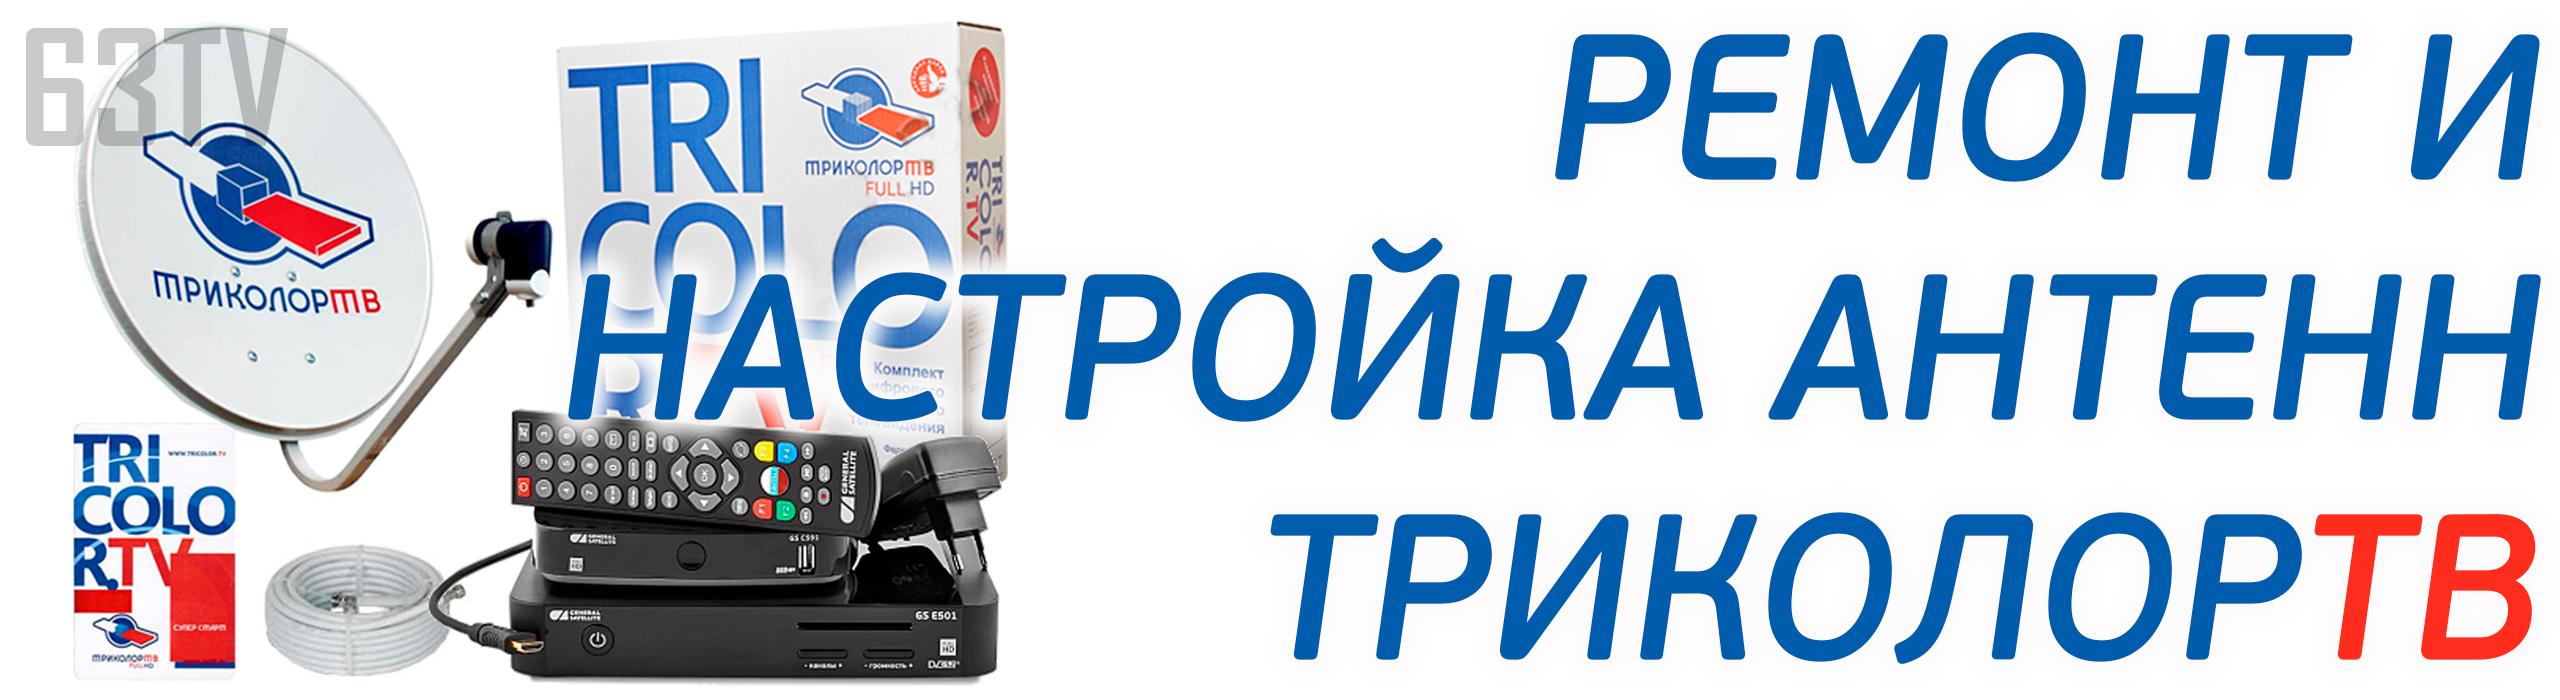 Ремонт и настройка антенн Триколор ТВ